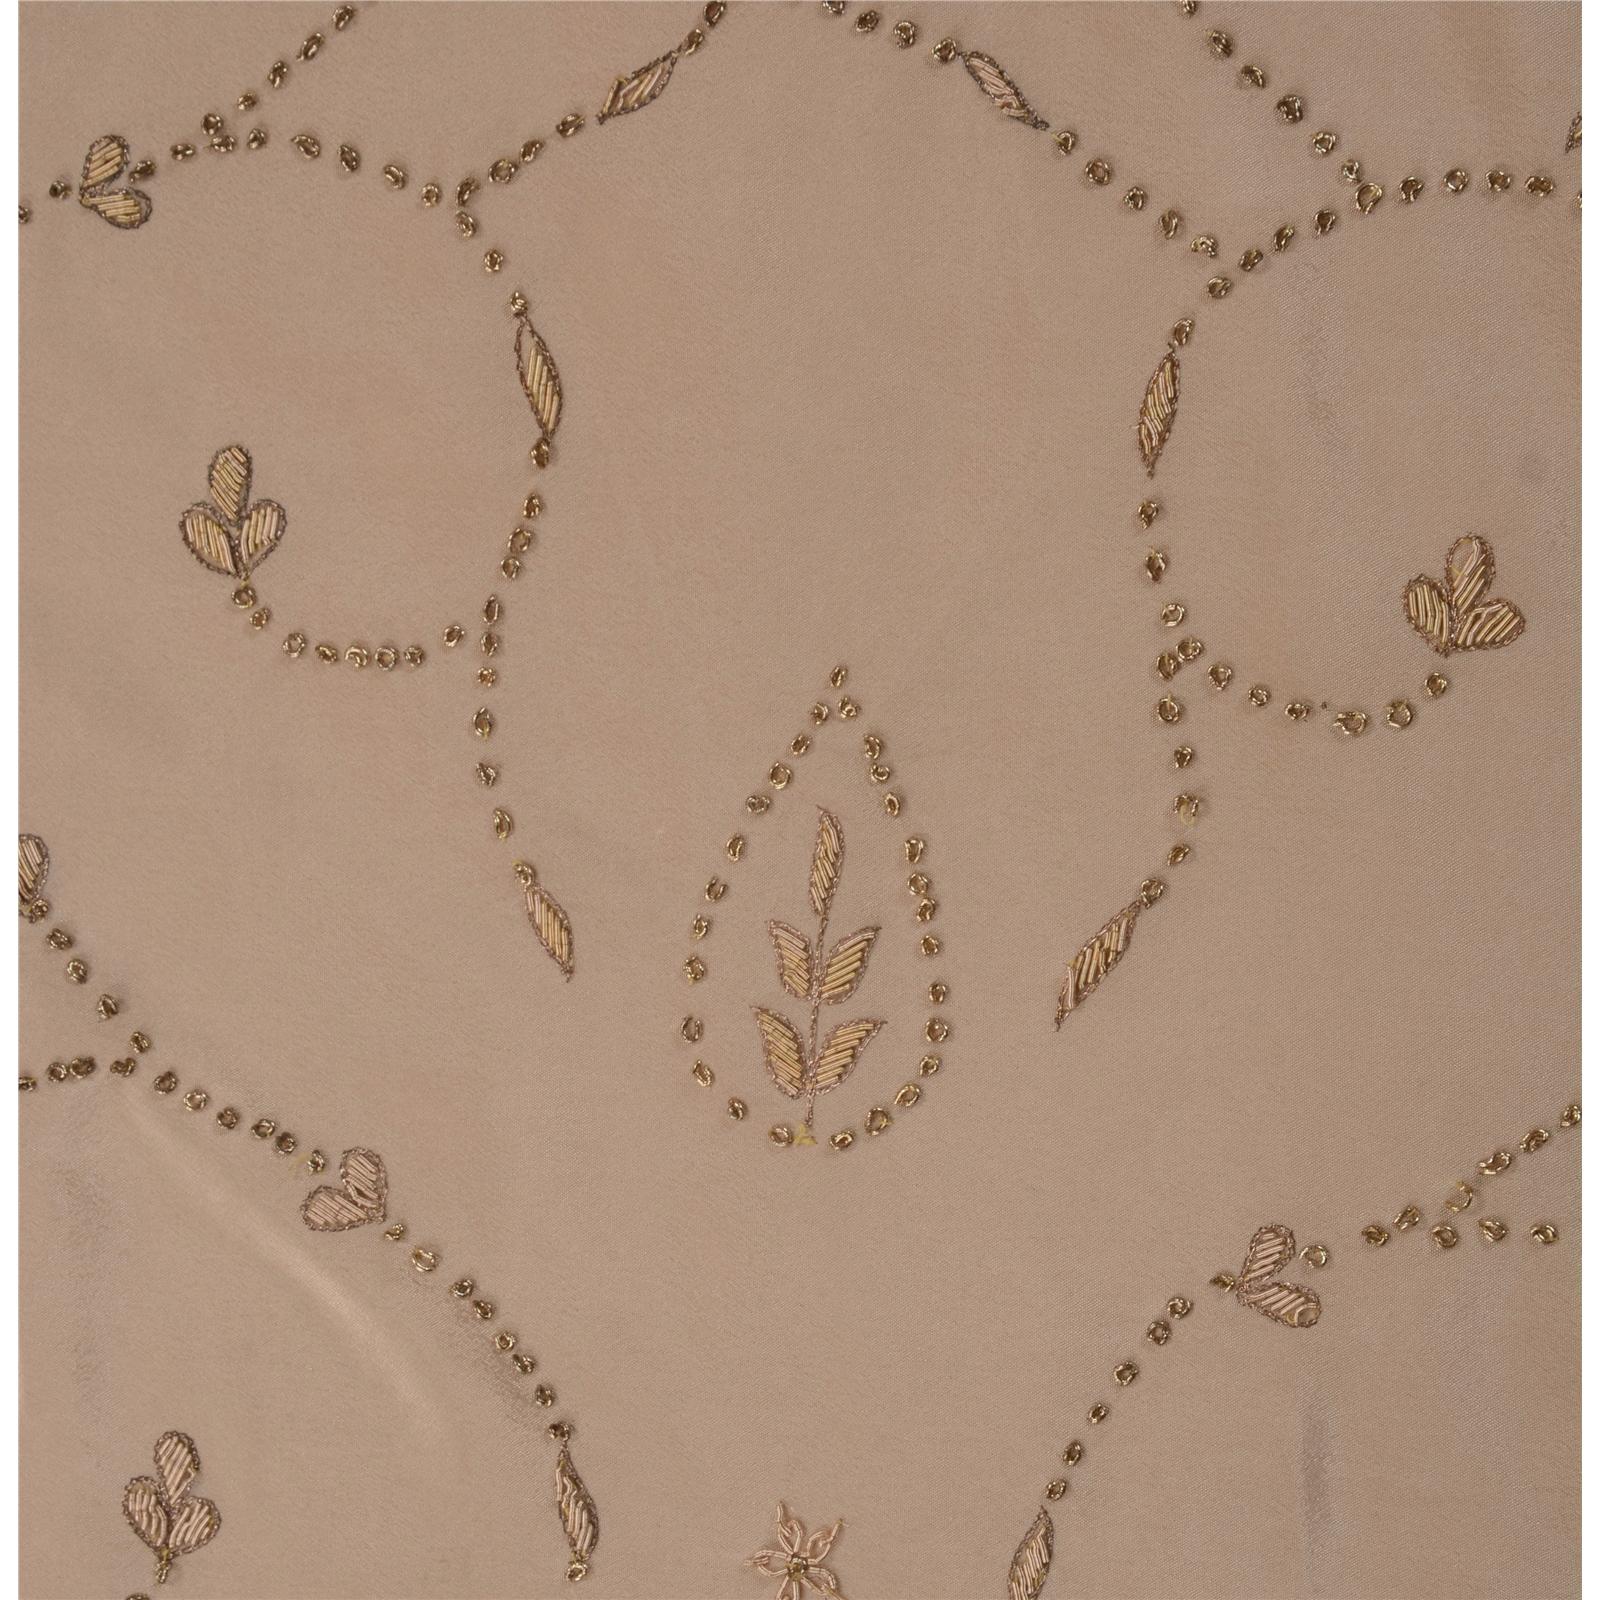 Sanskriti vintage indian saree art silk hand embroidered